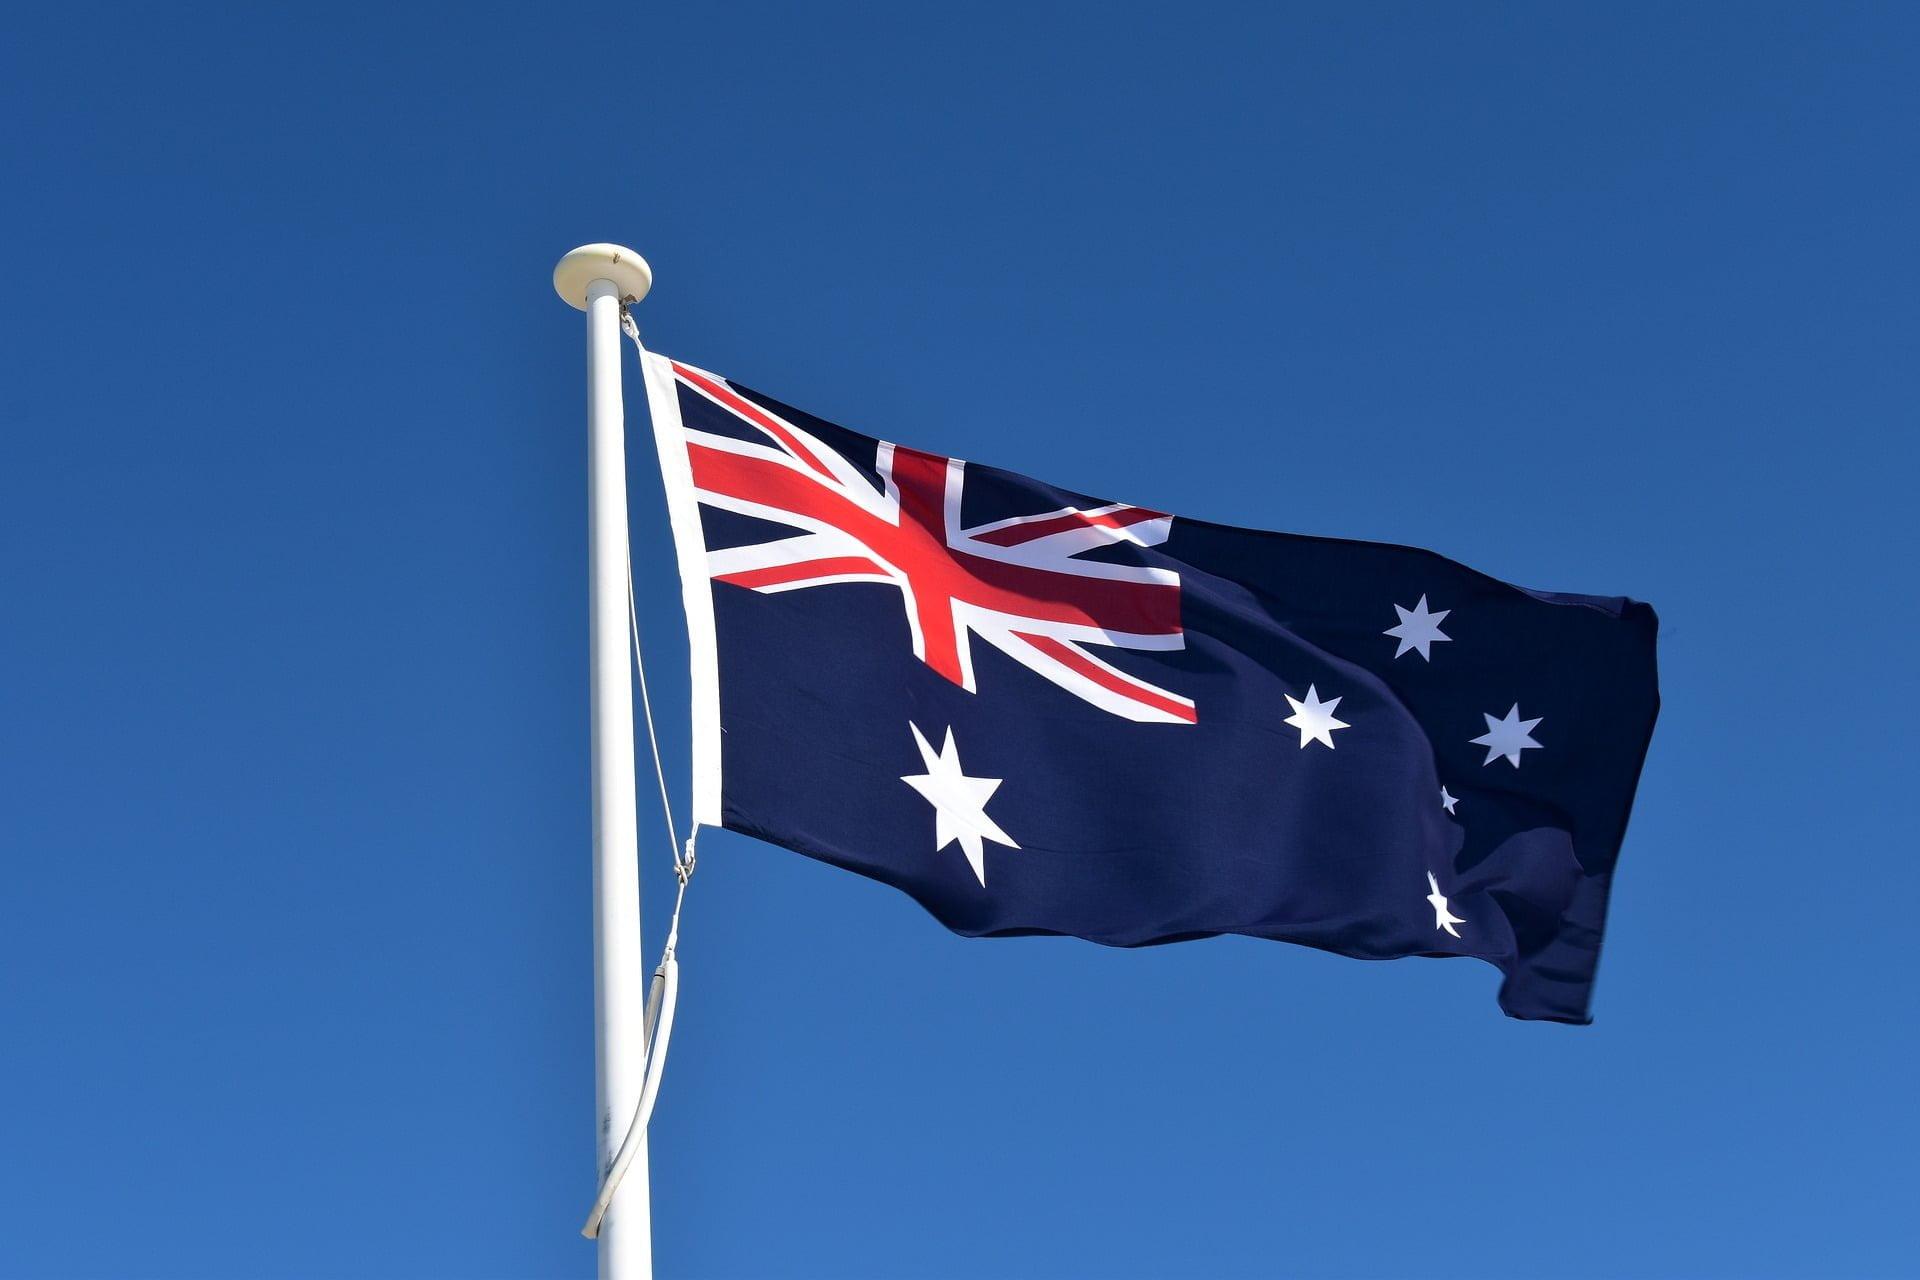 ऑस्ट्रेलिया में AFS वित्तीय लाइसेंस की विशेषताएं